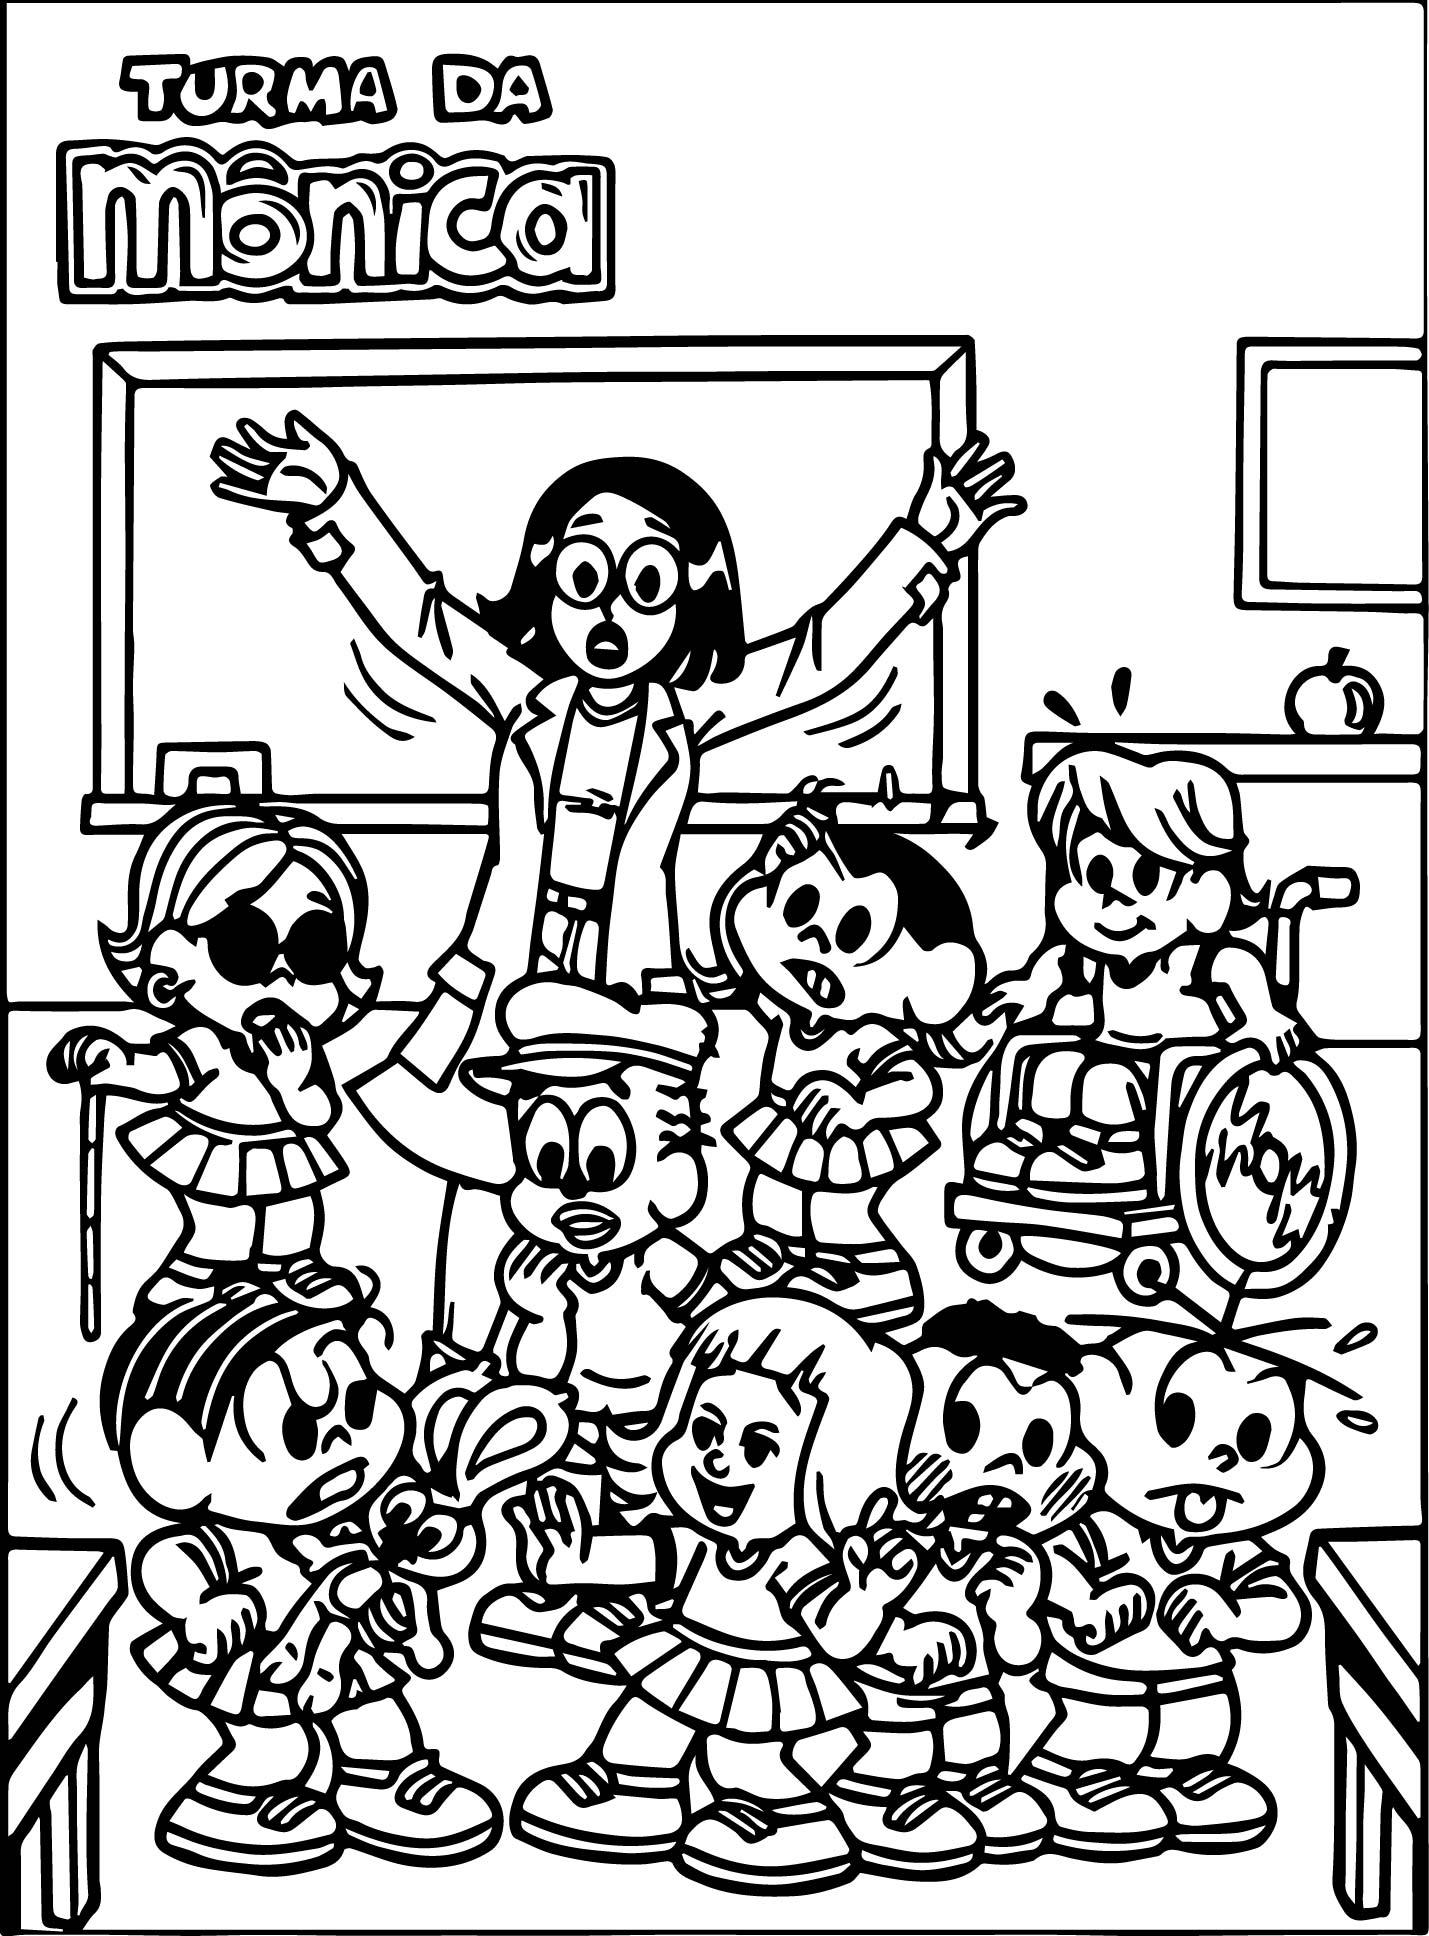 Turma Da Monica Classroom Coloring Page